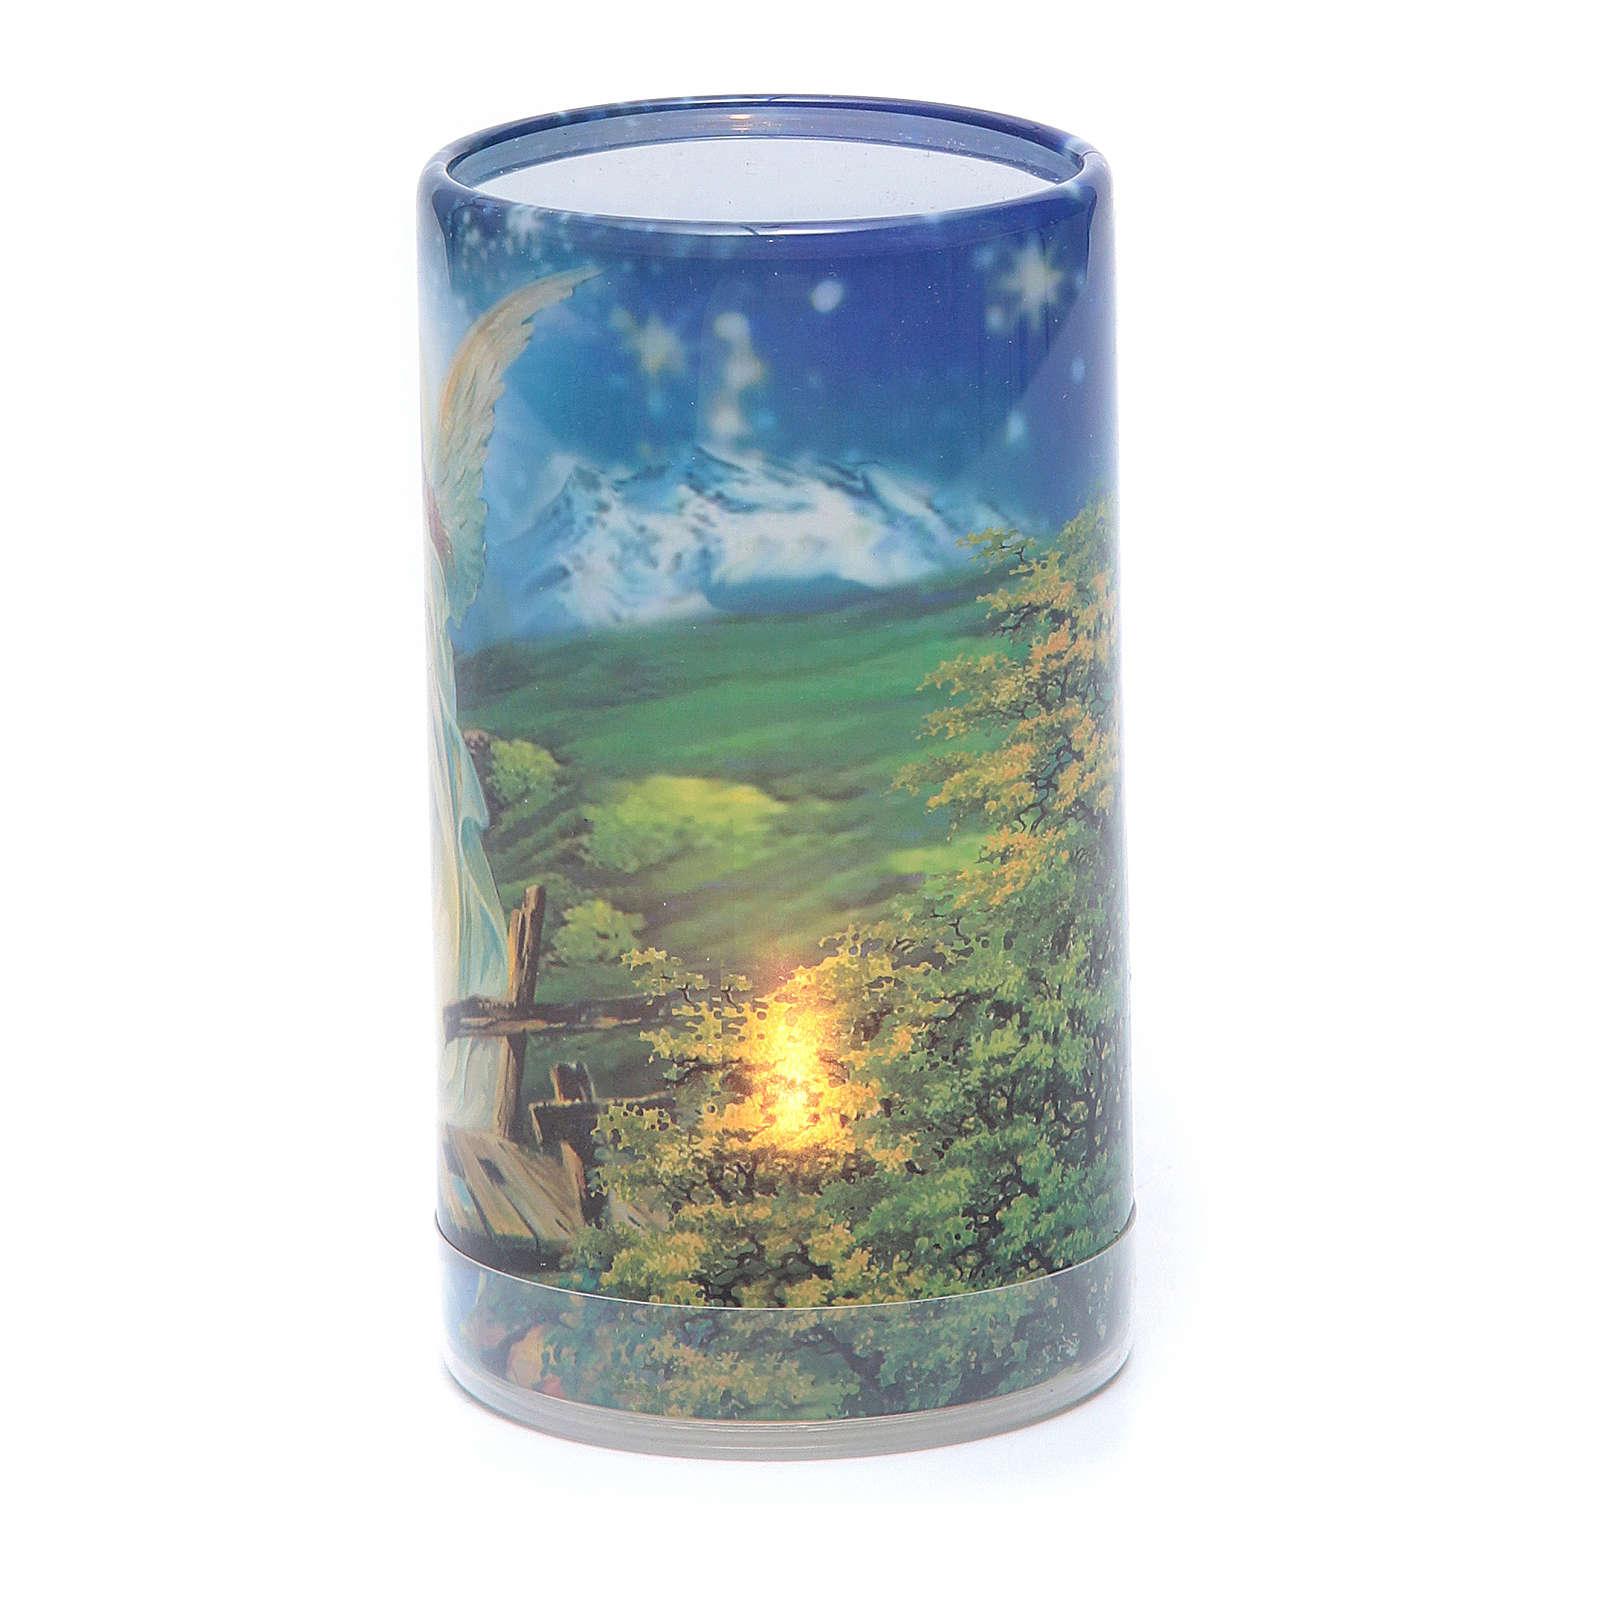 Veilleuse à piles avec image Ange gardien et fausse bougie 3